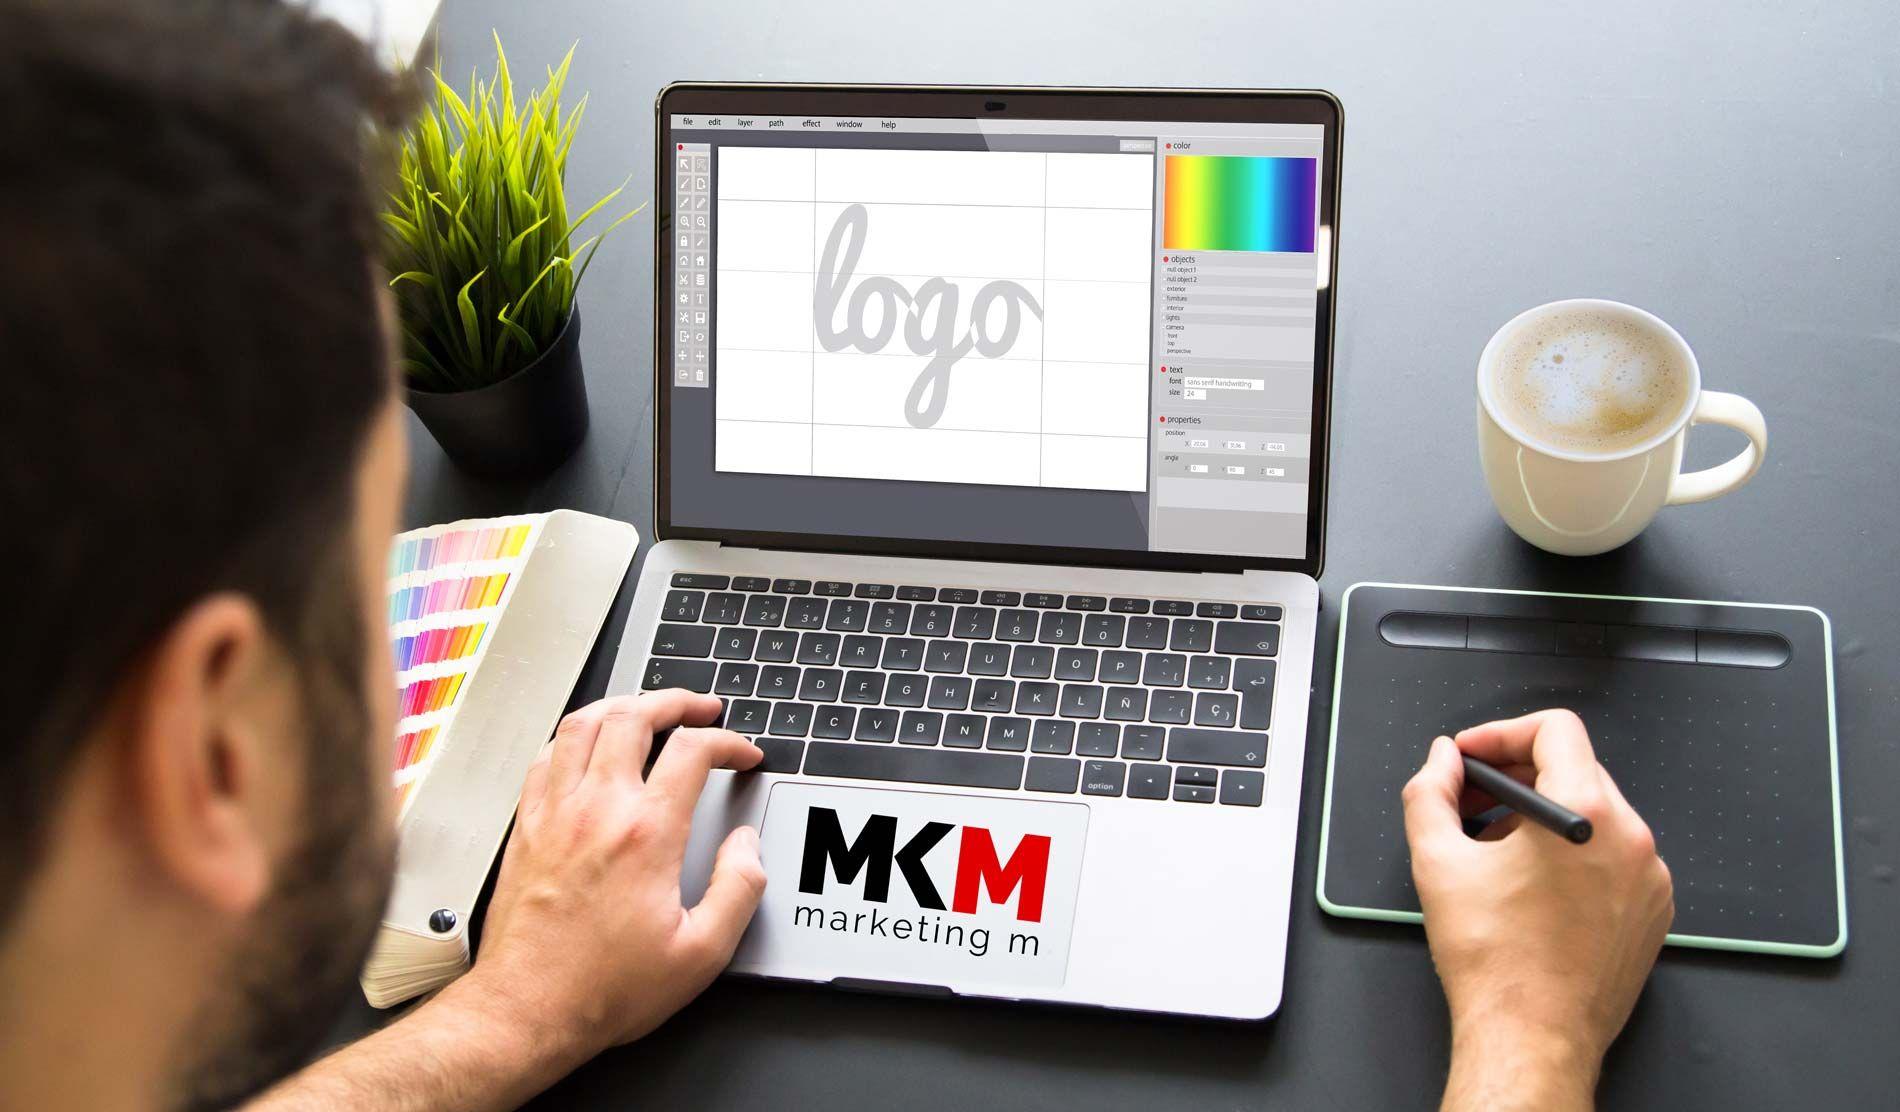 La agencia Marketing M afirma que una buena identidad corporativa ayuda a incrementar ventas en un negocio